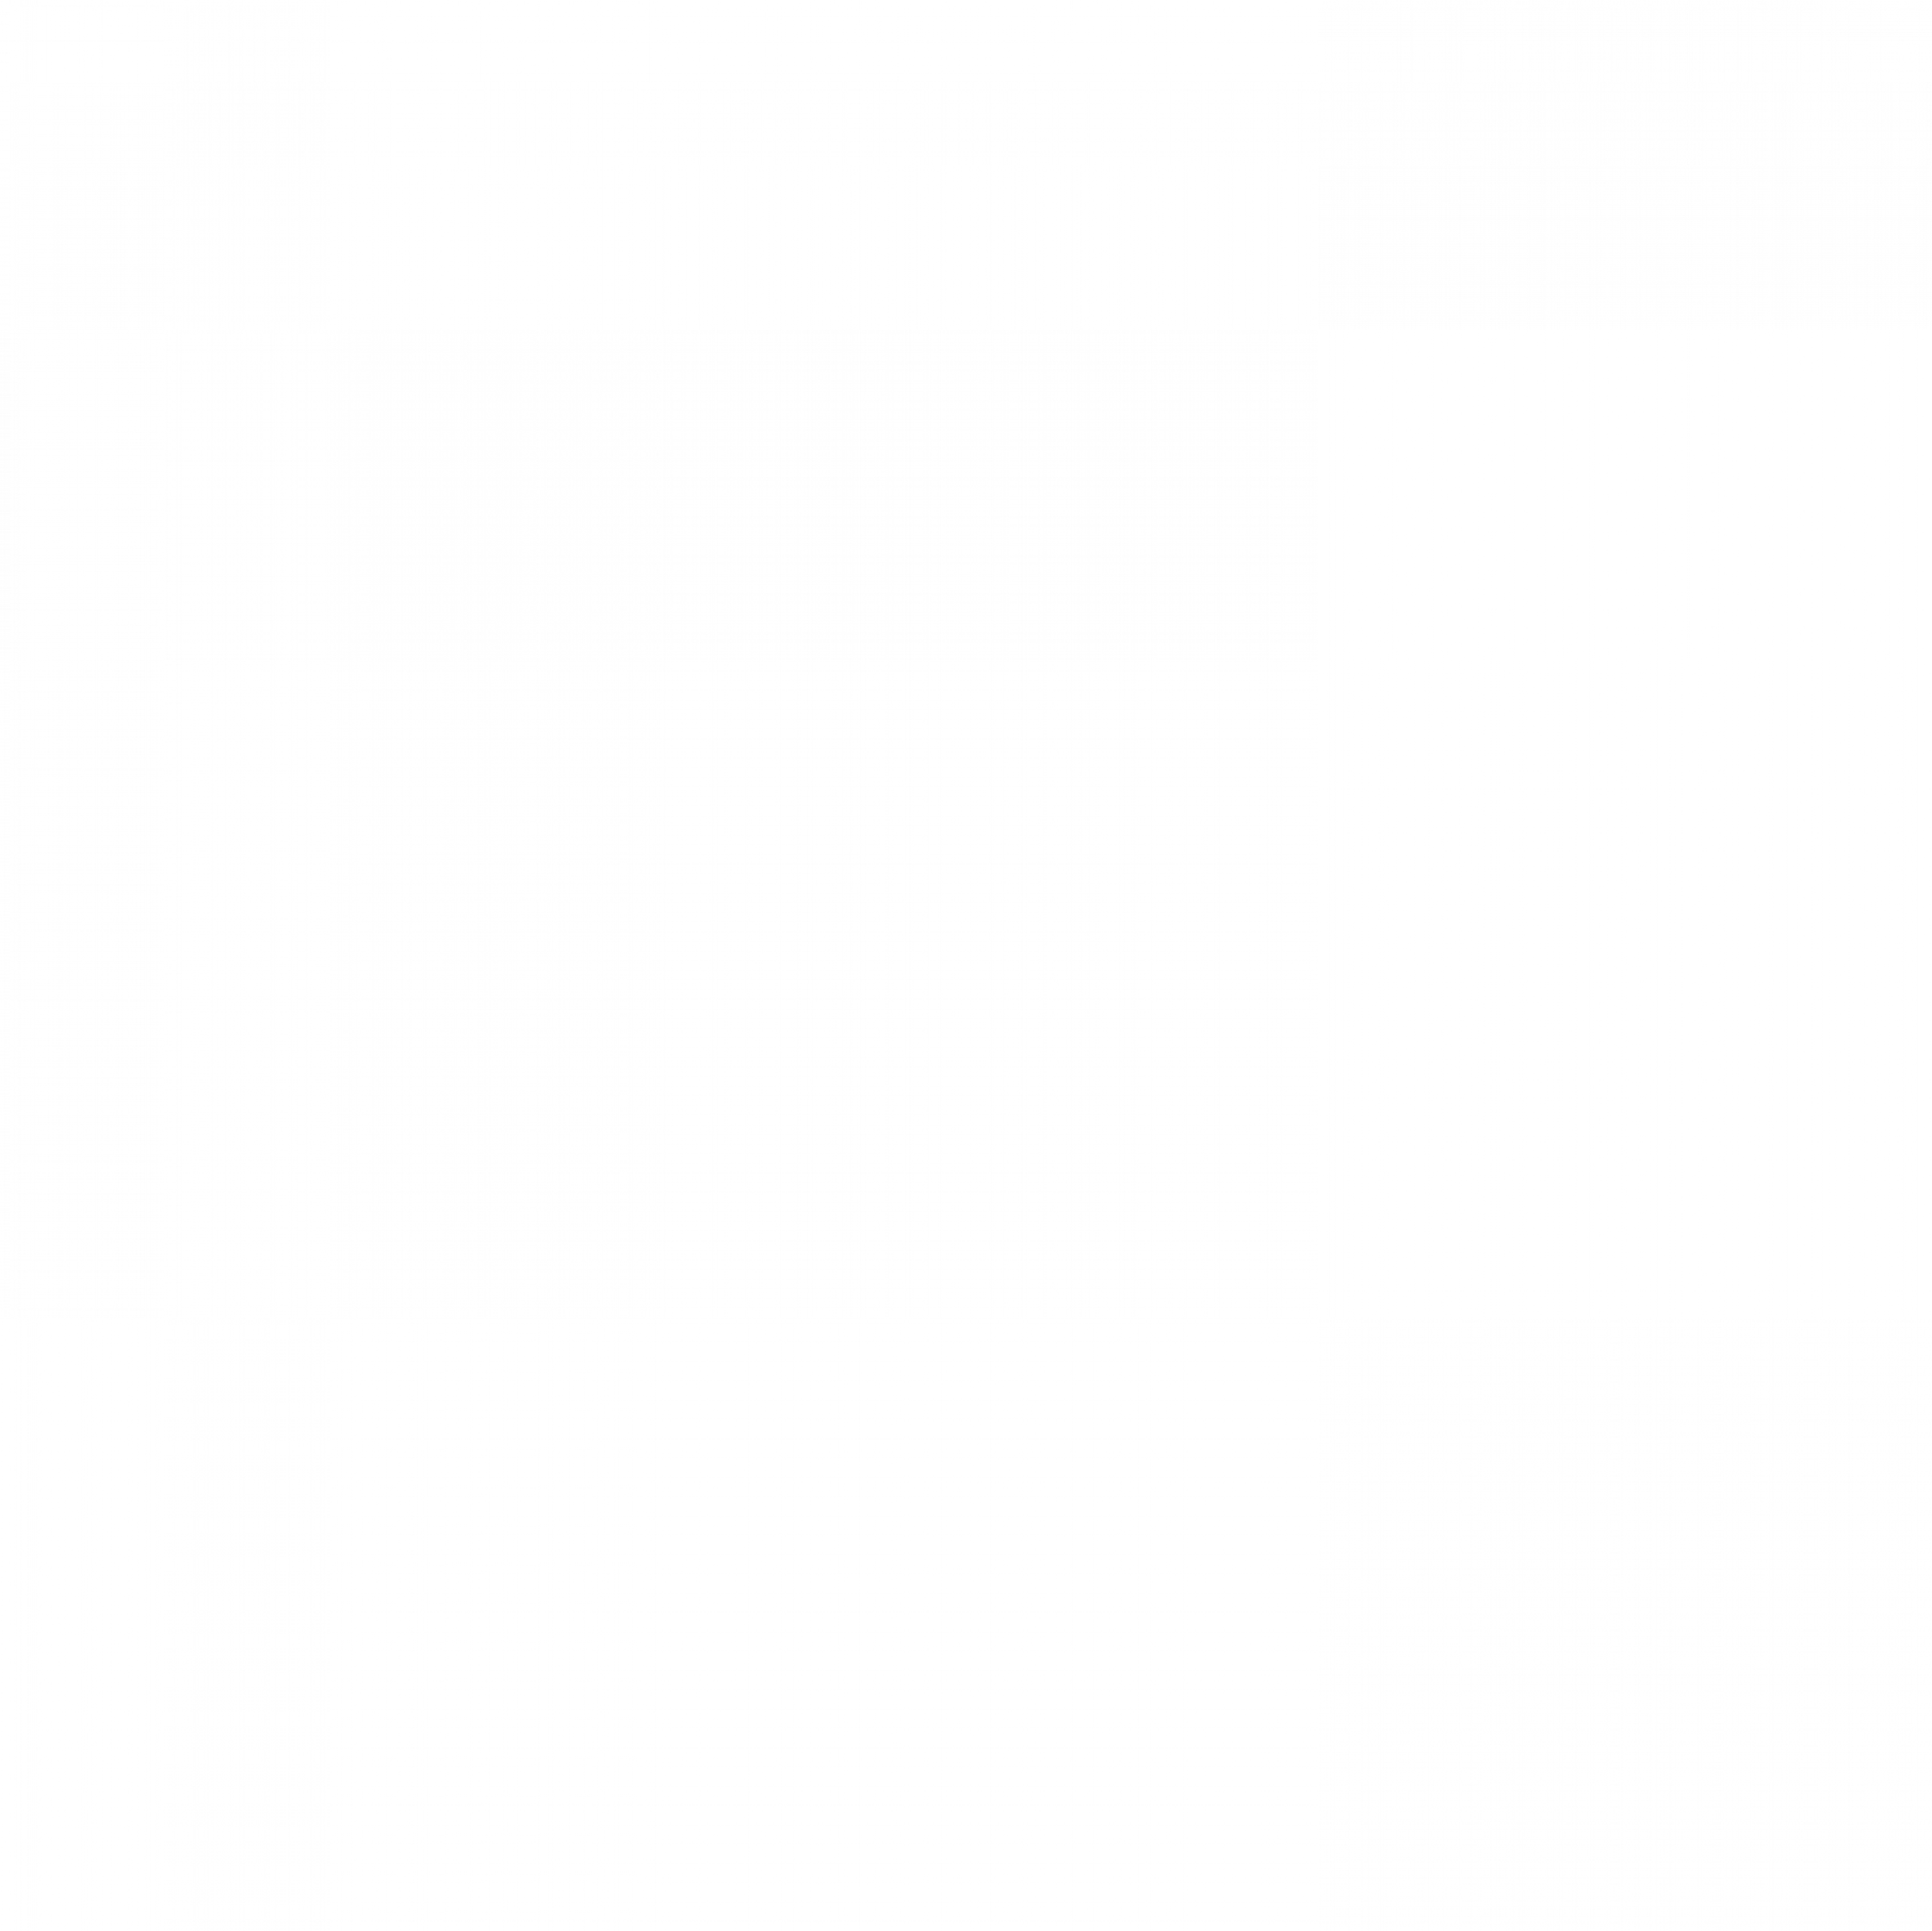 CURL-EHF7P